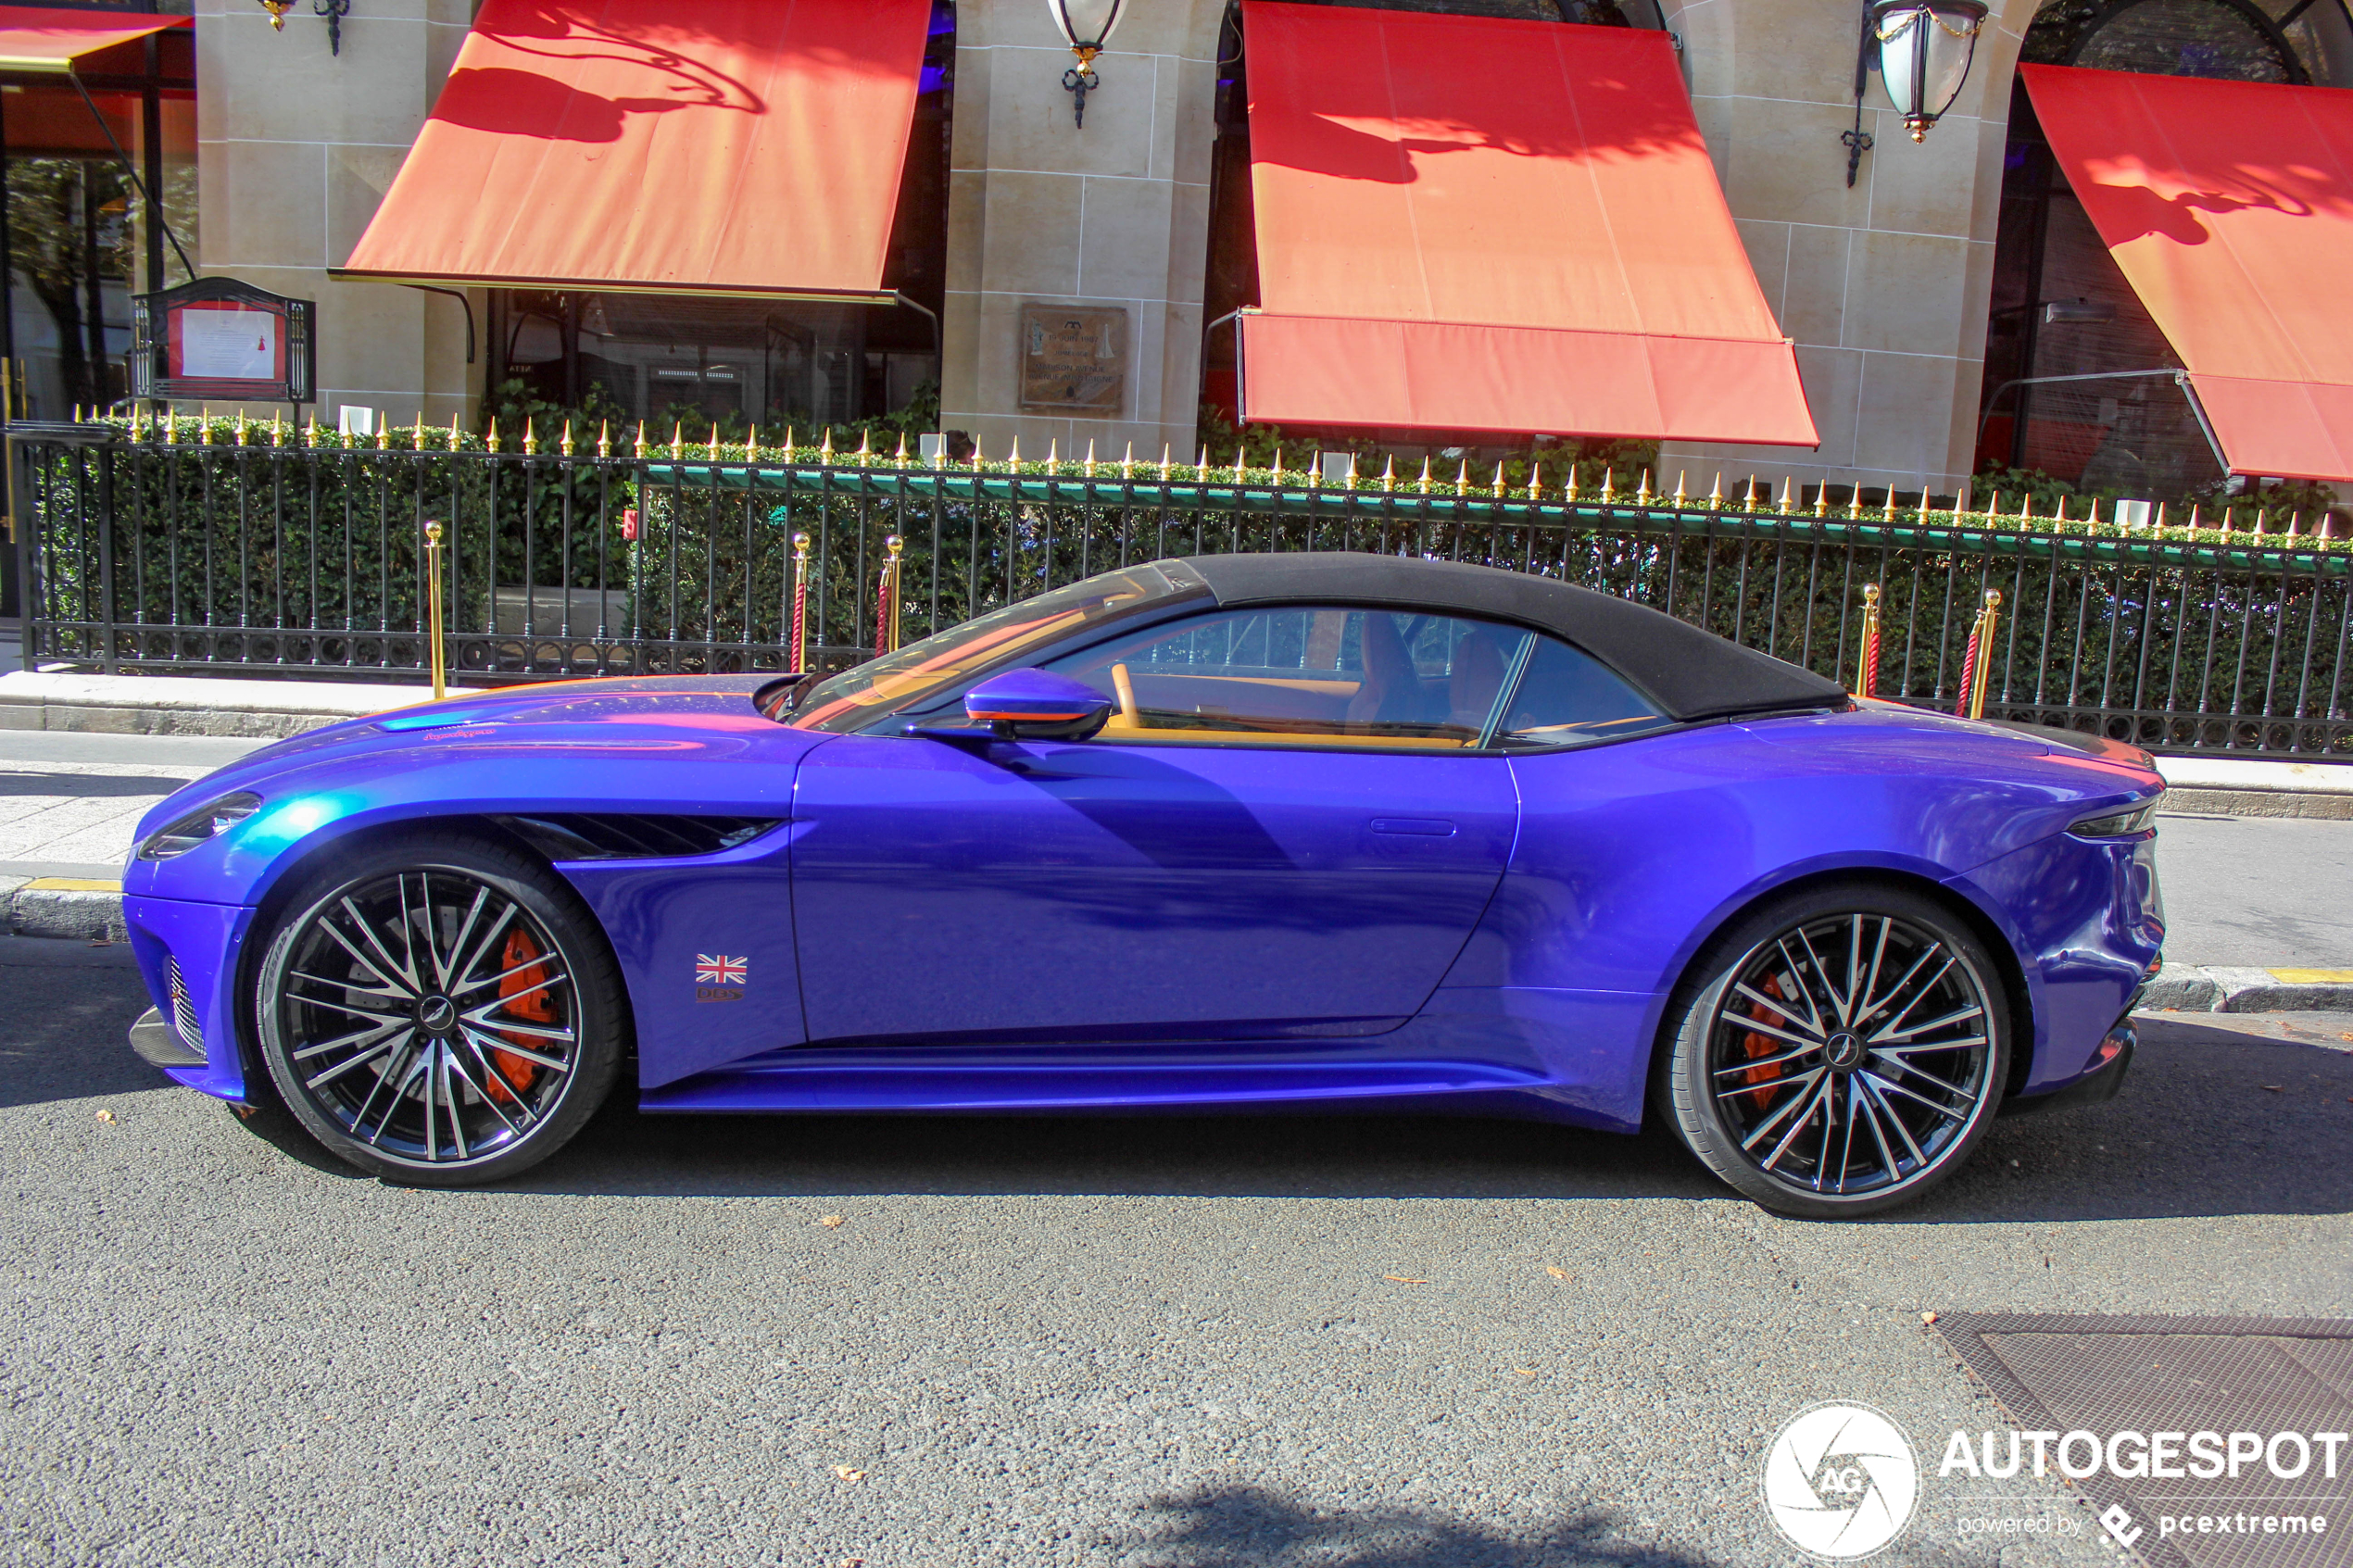 Wereld weer stukje vrolijk door deze fleurige Aston Martin DBS